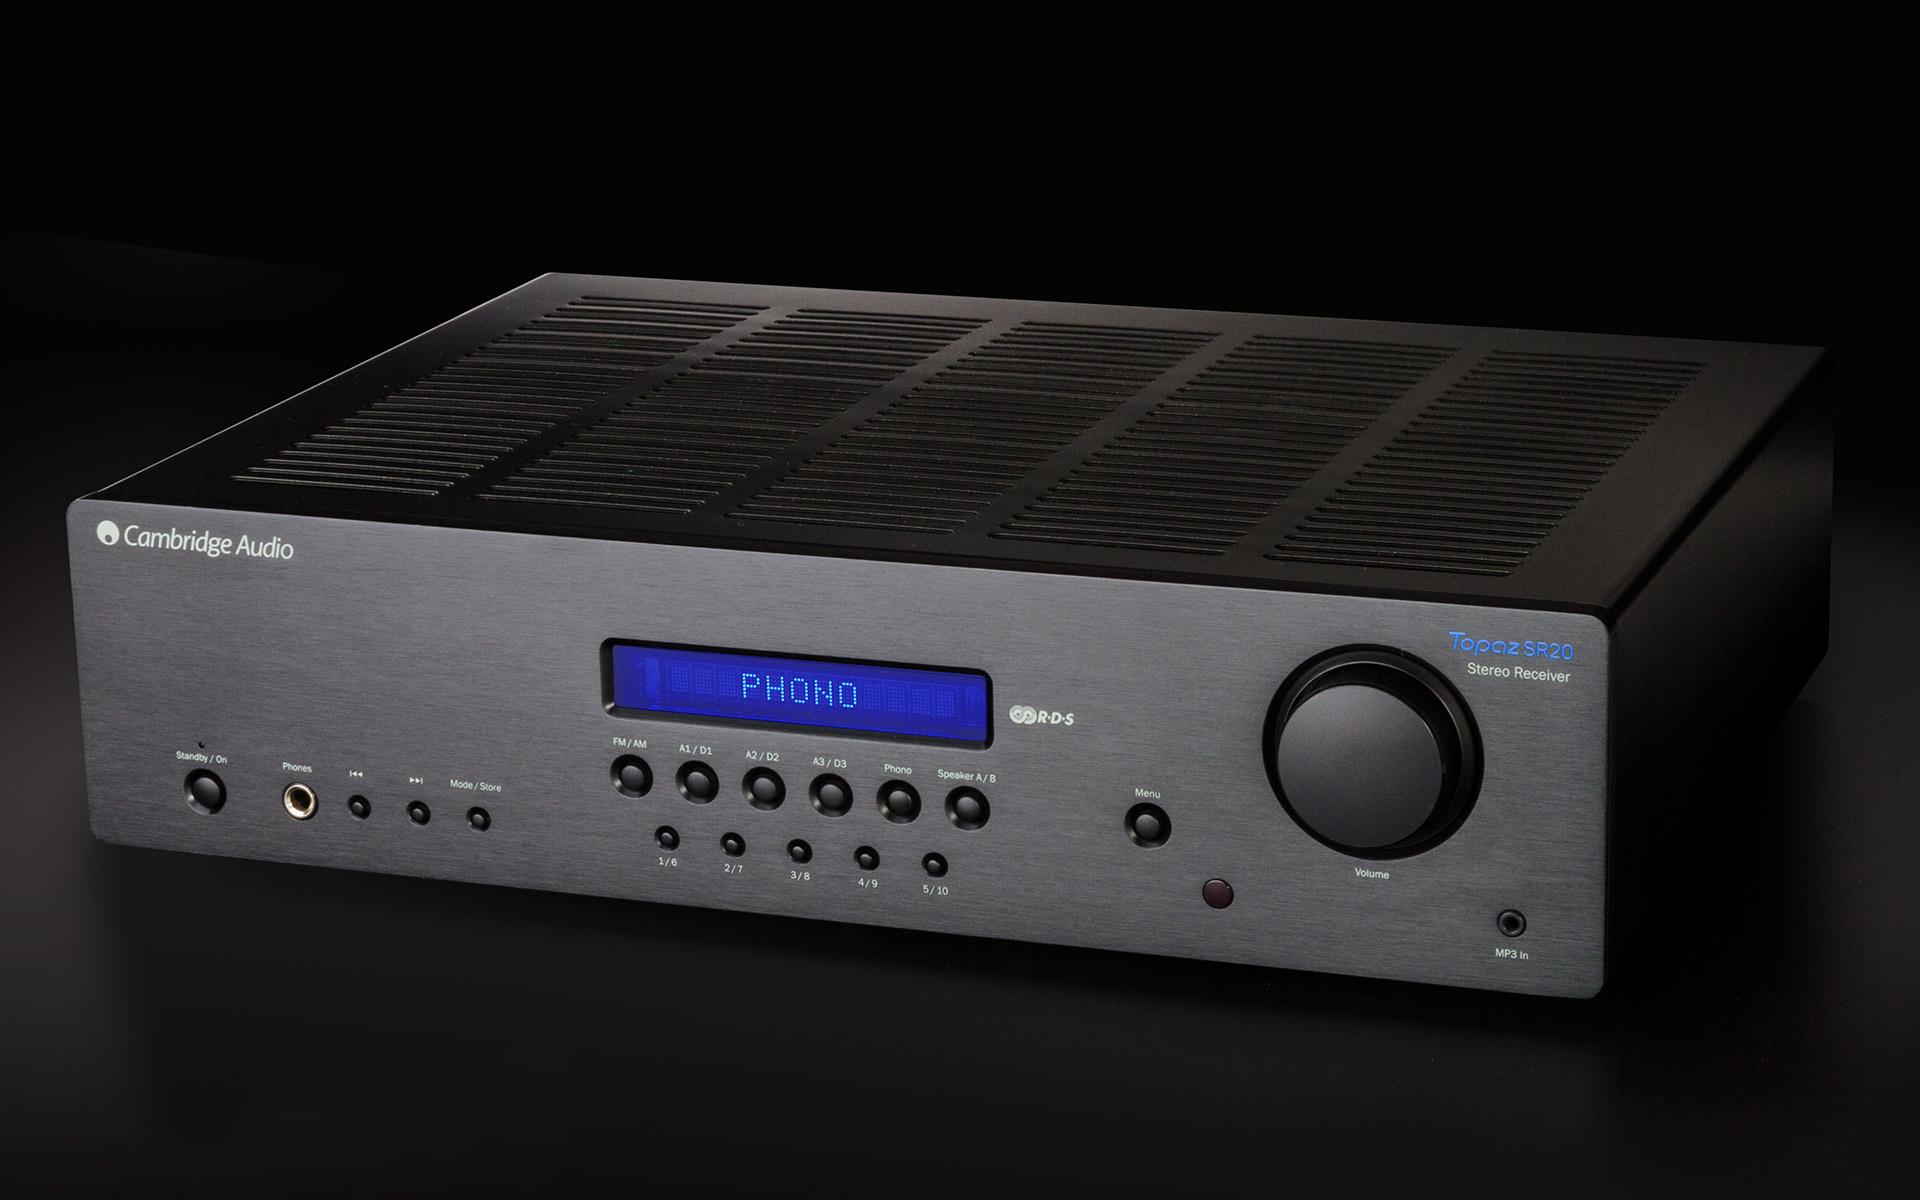 Стереоресивер Cambridge Audio Topaz SR20 оснащён входом Phono для проигрывателя виниловых дисков